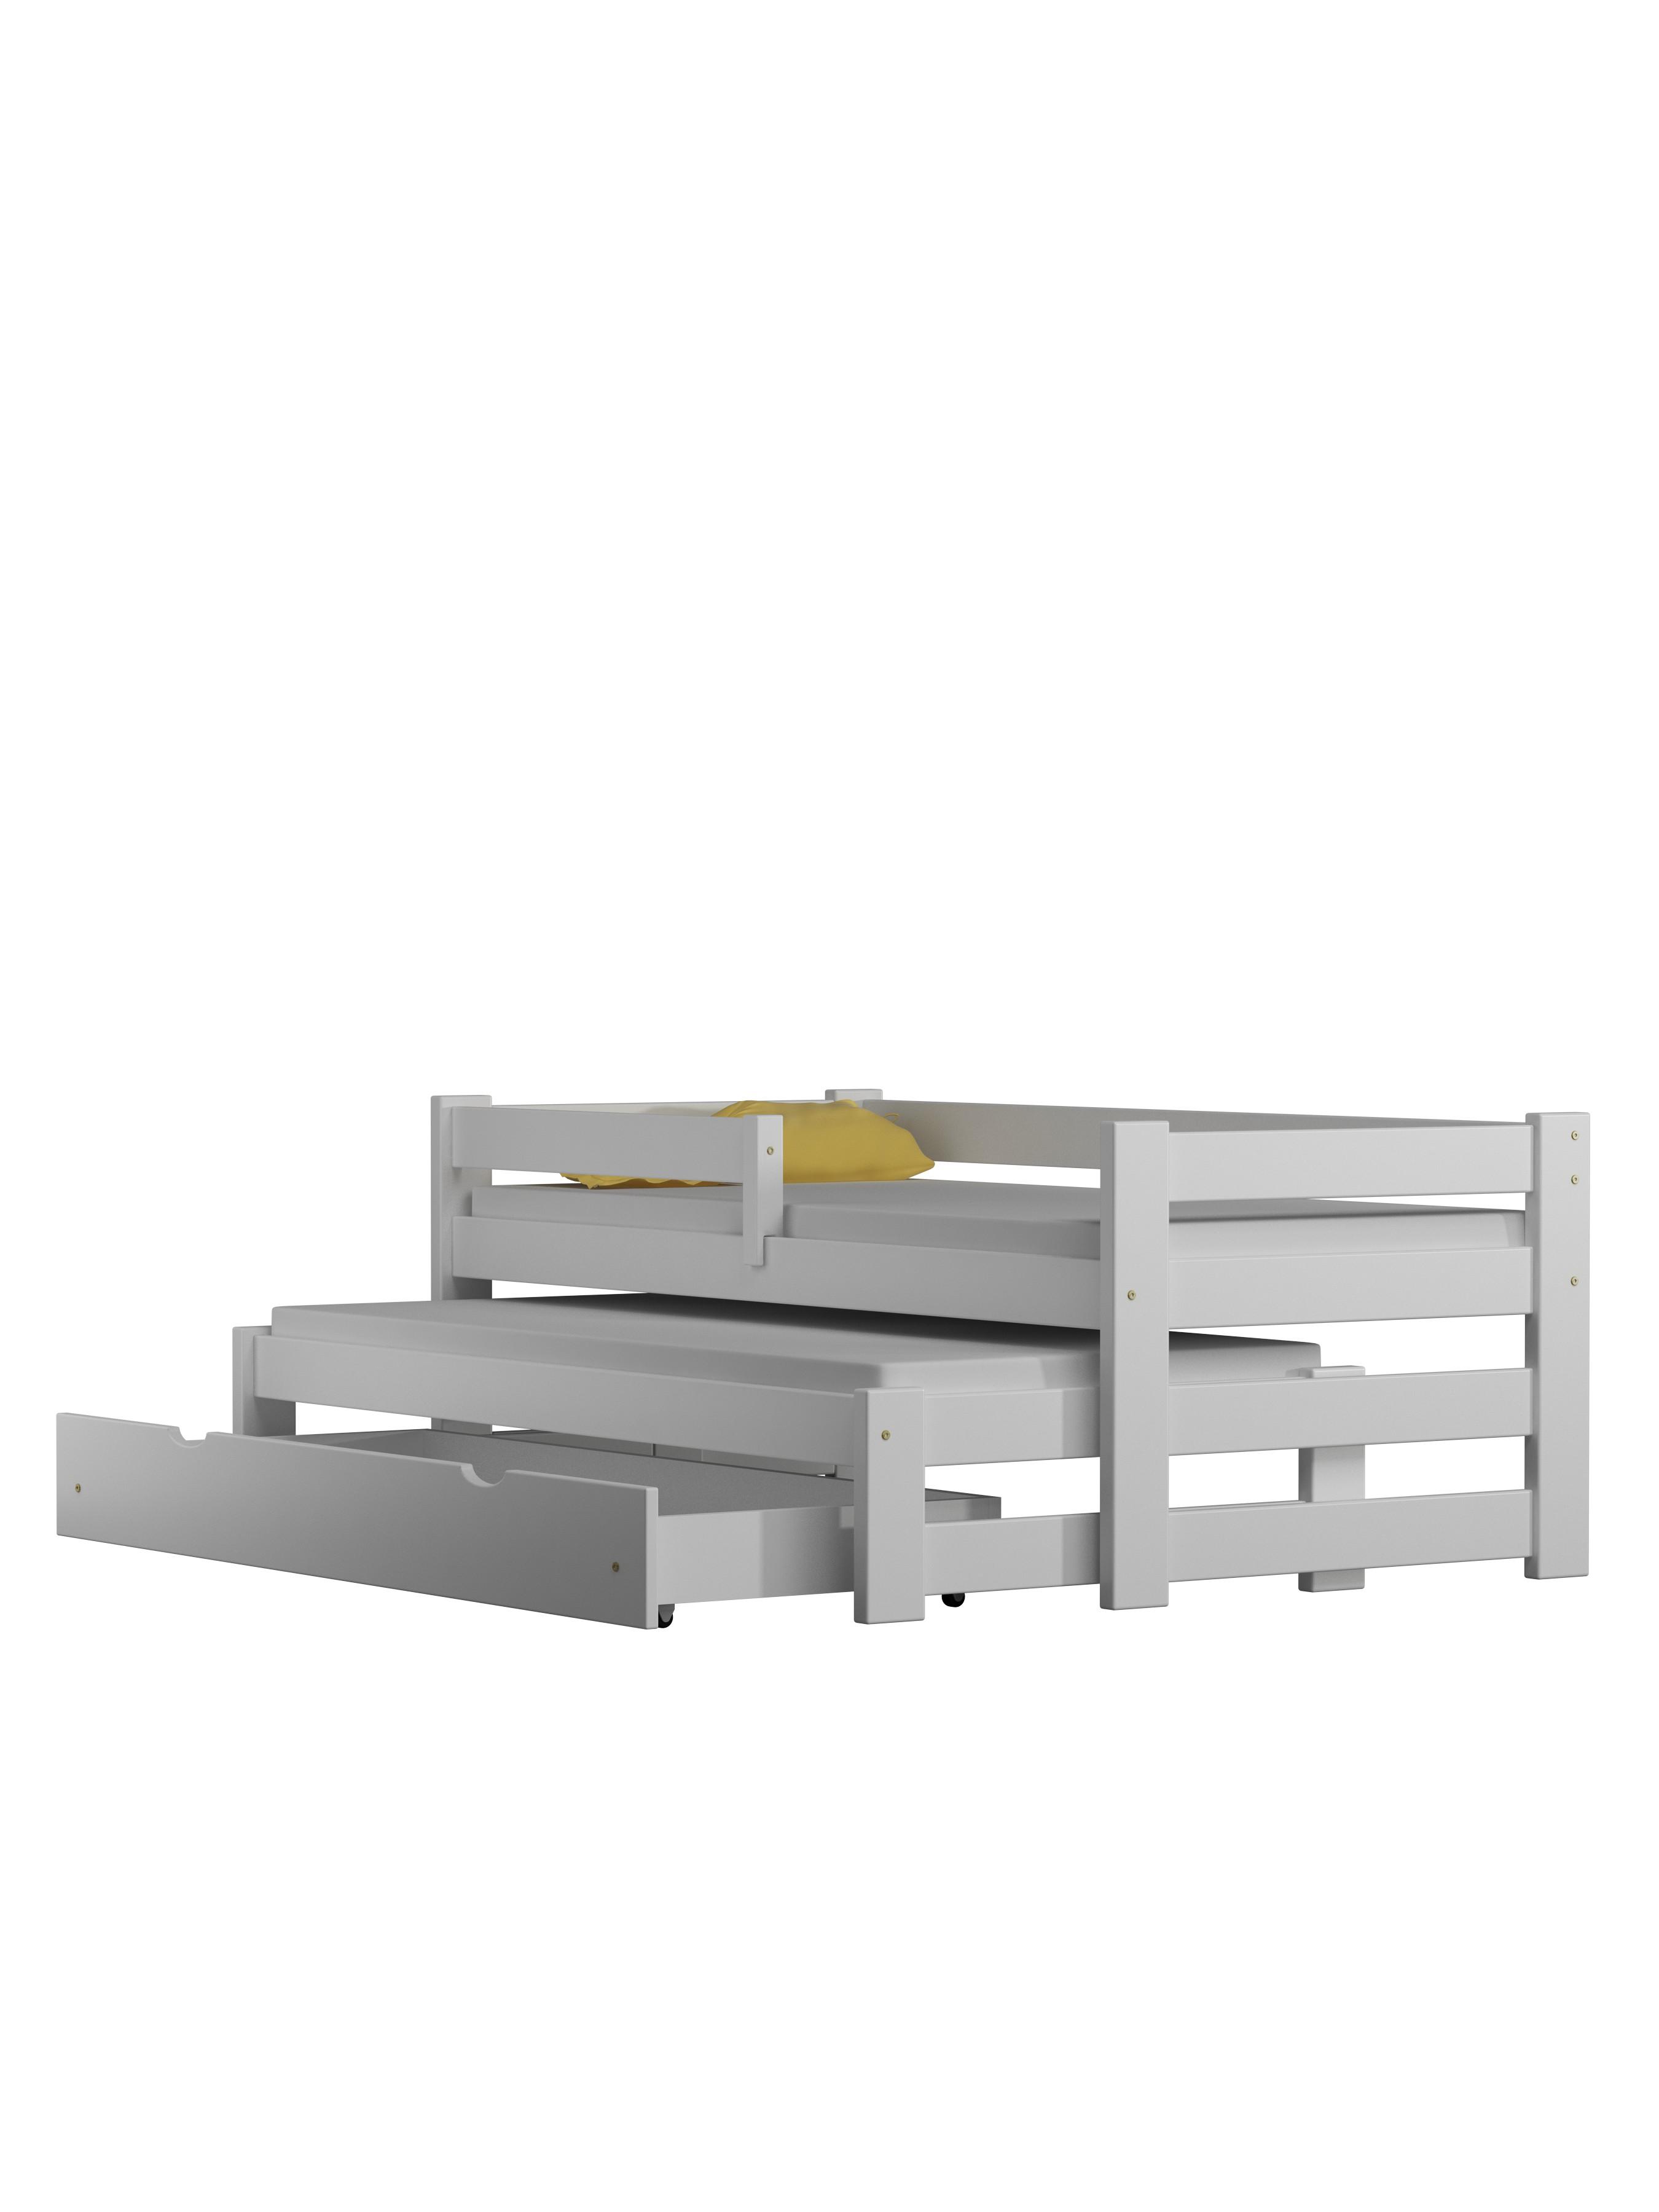 Łóżko wysuwane - pokrowiec Gabriel